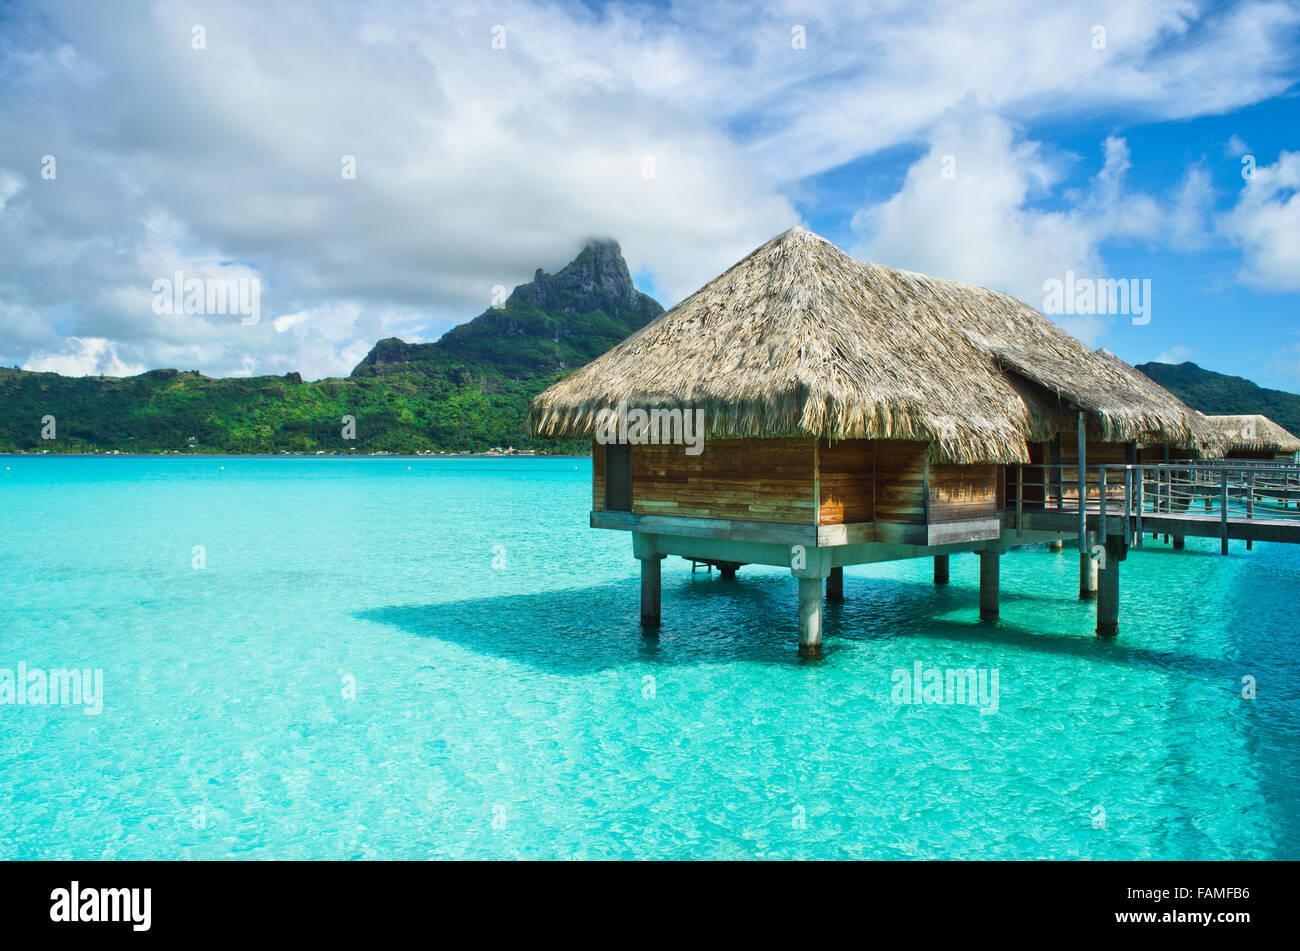 Luxus Overwater strohgedeckten Dach Bungalow in einem Flitterwochen-Urlaub-Resort in der kristallklaren Lagune von Stockbild